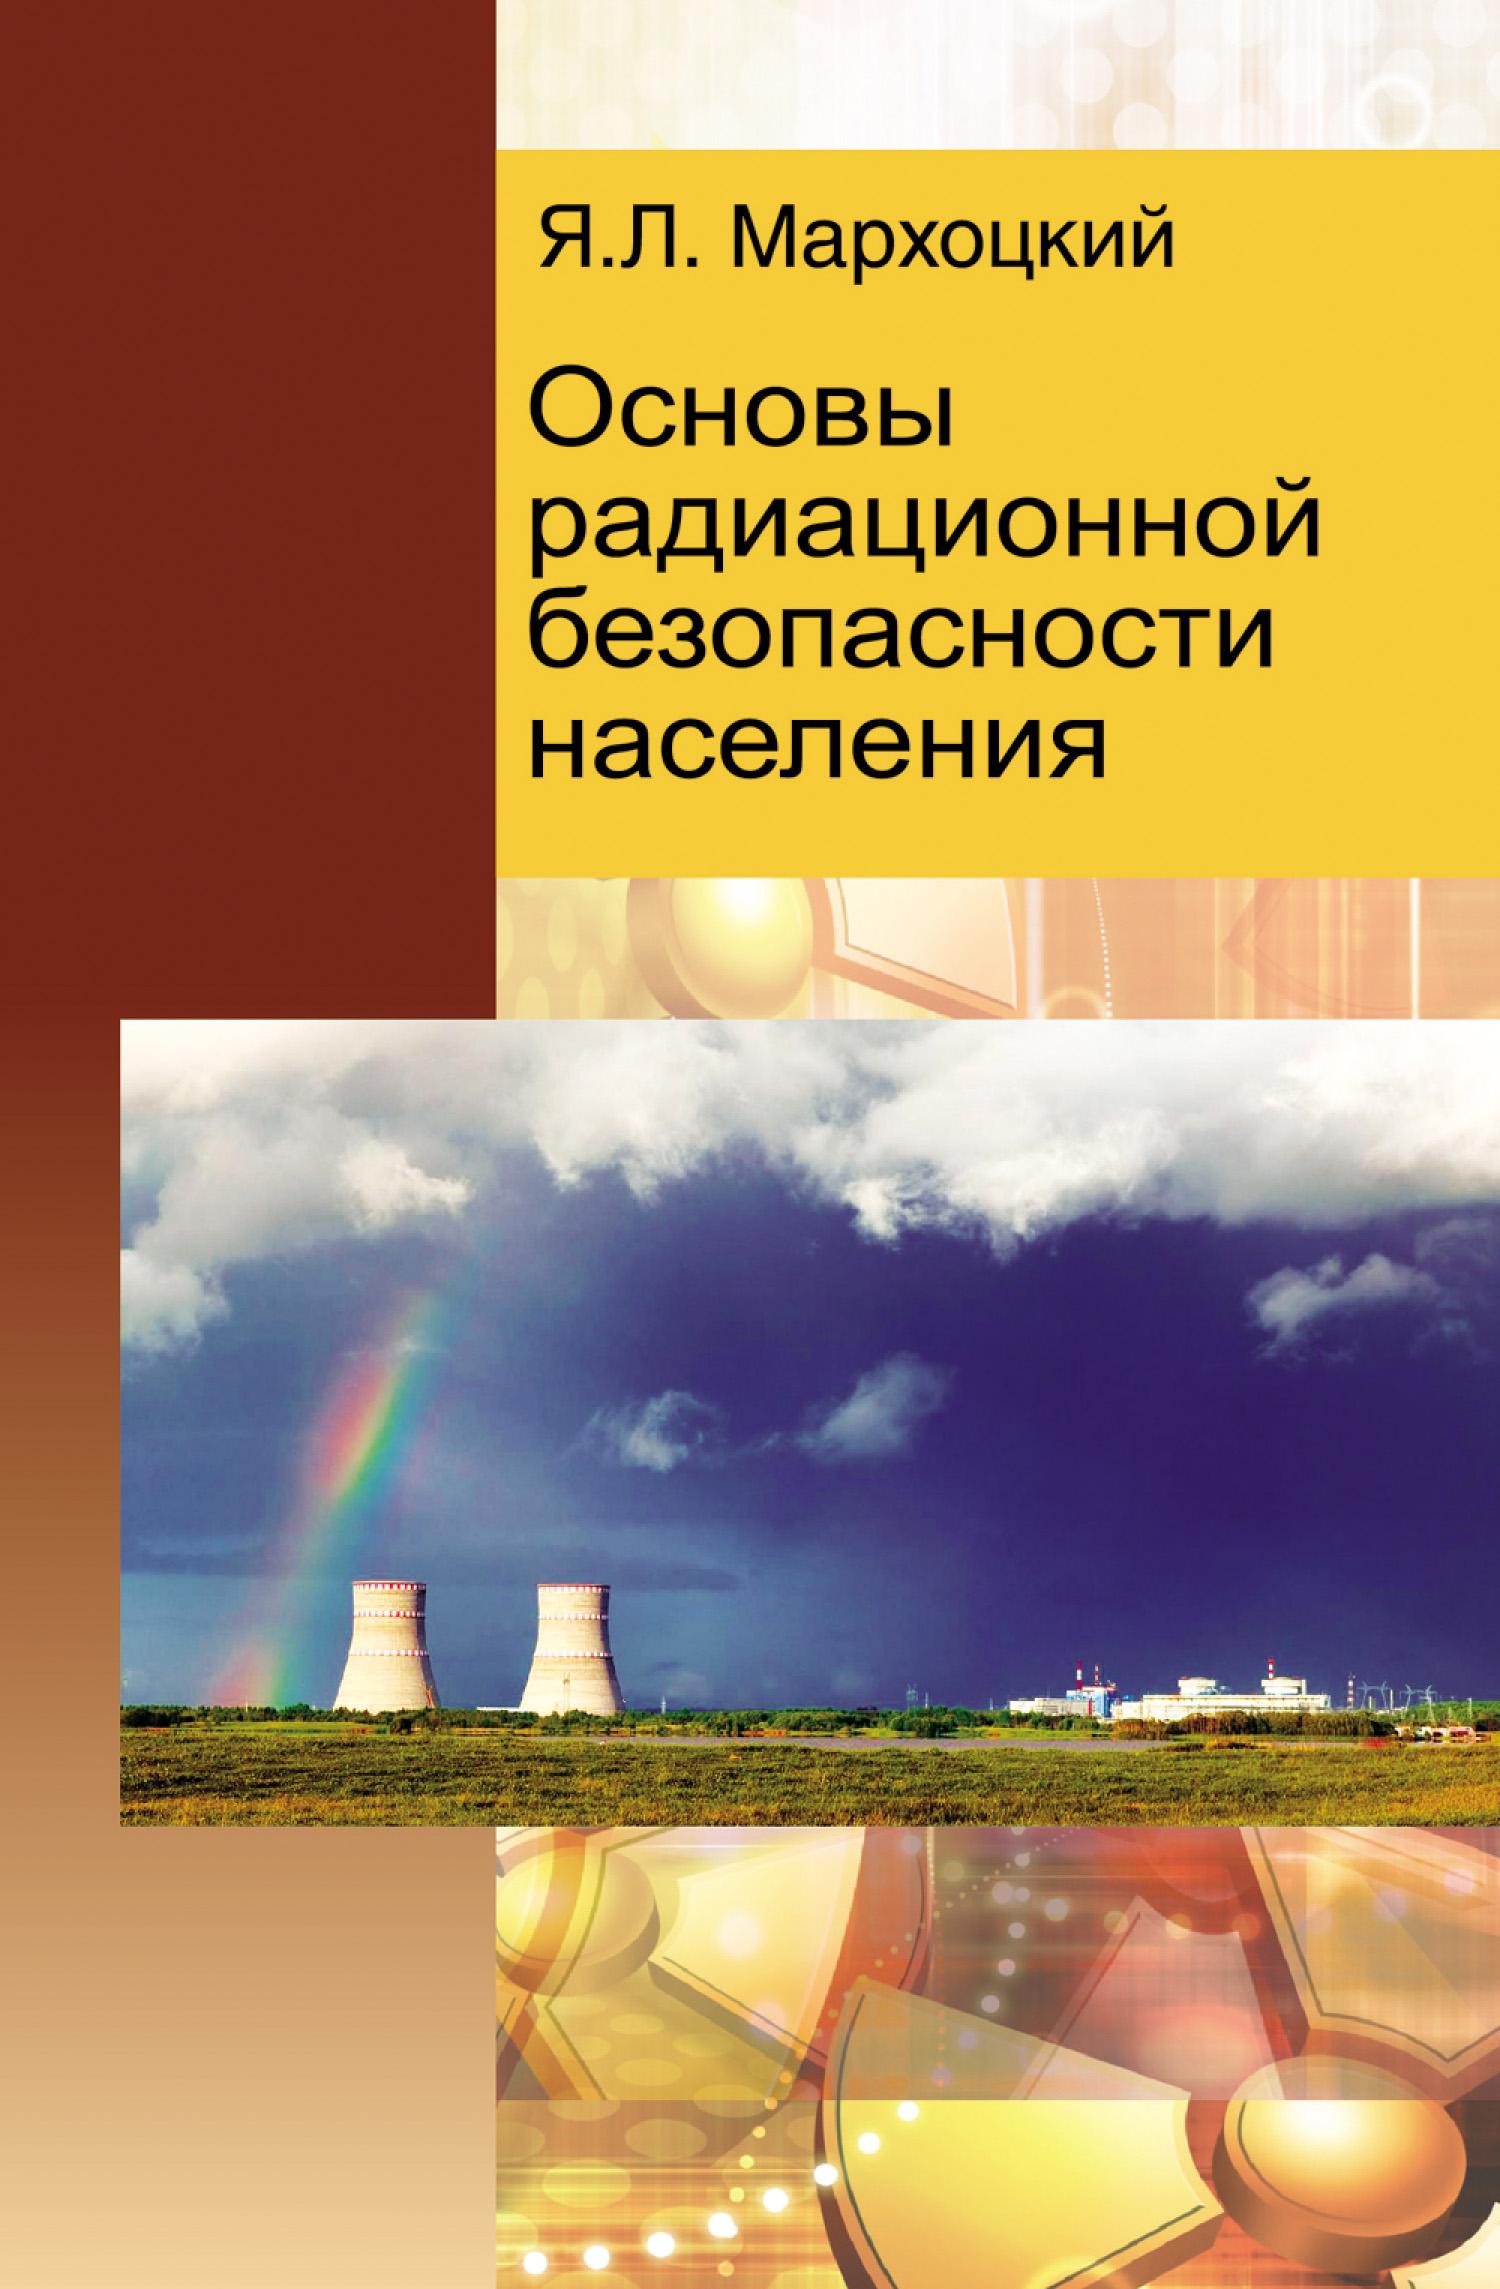 Я. Л. Мархоцкий Основы радиационной безопасности населения научные и технические основы ядерной энергетики комплект из 2 книг